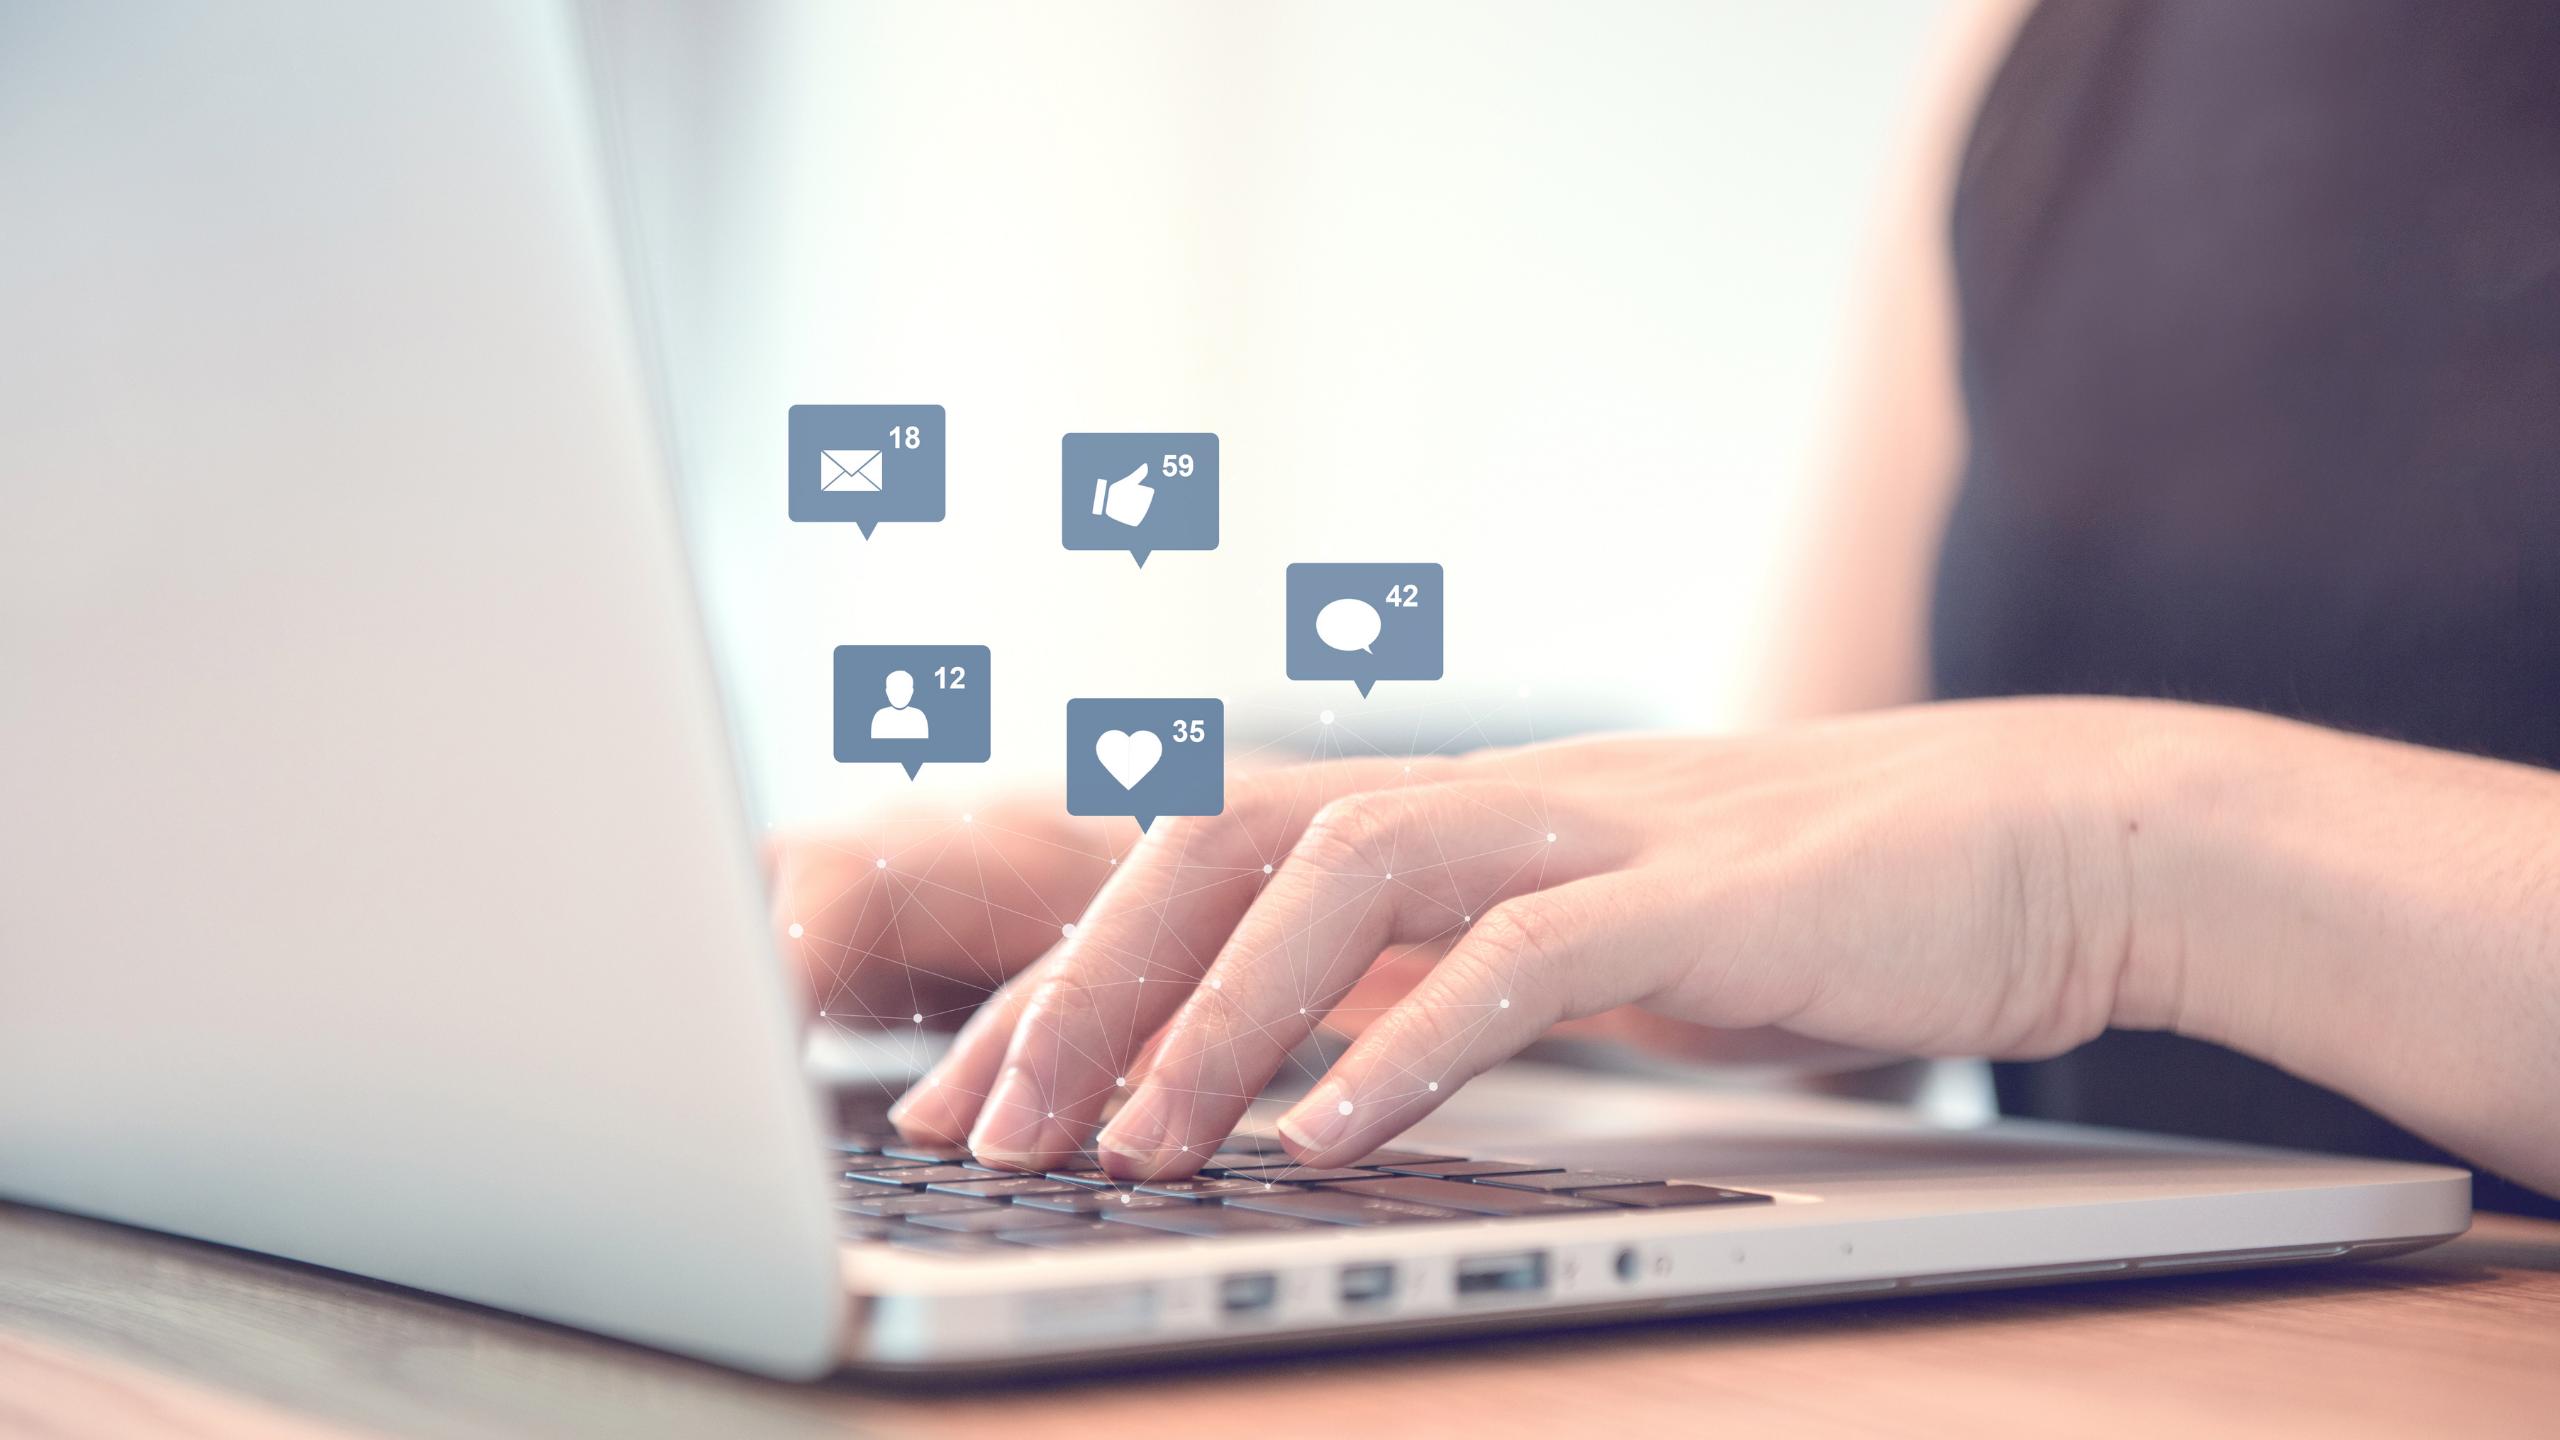 ¿Cómo vender en redes sociales? Aporta valor compartiendo contenido relevante